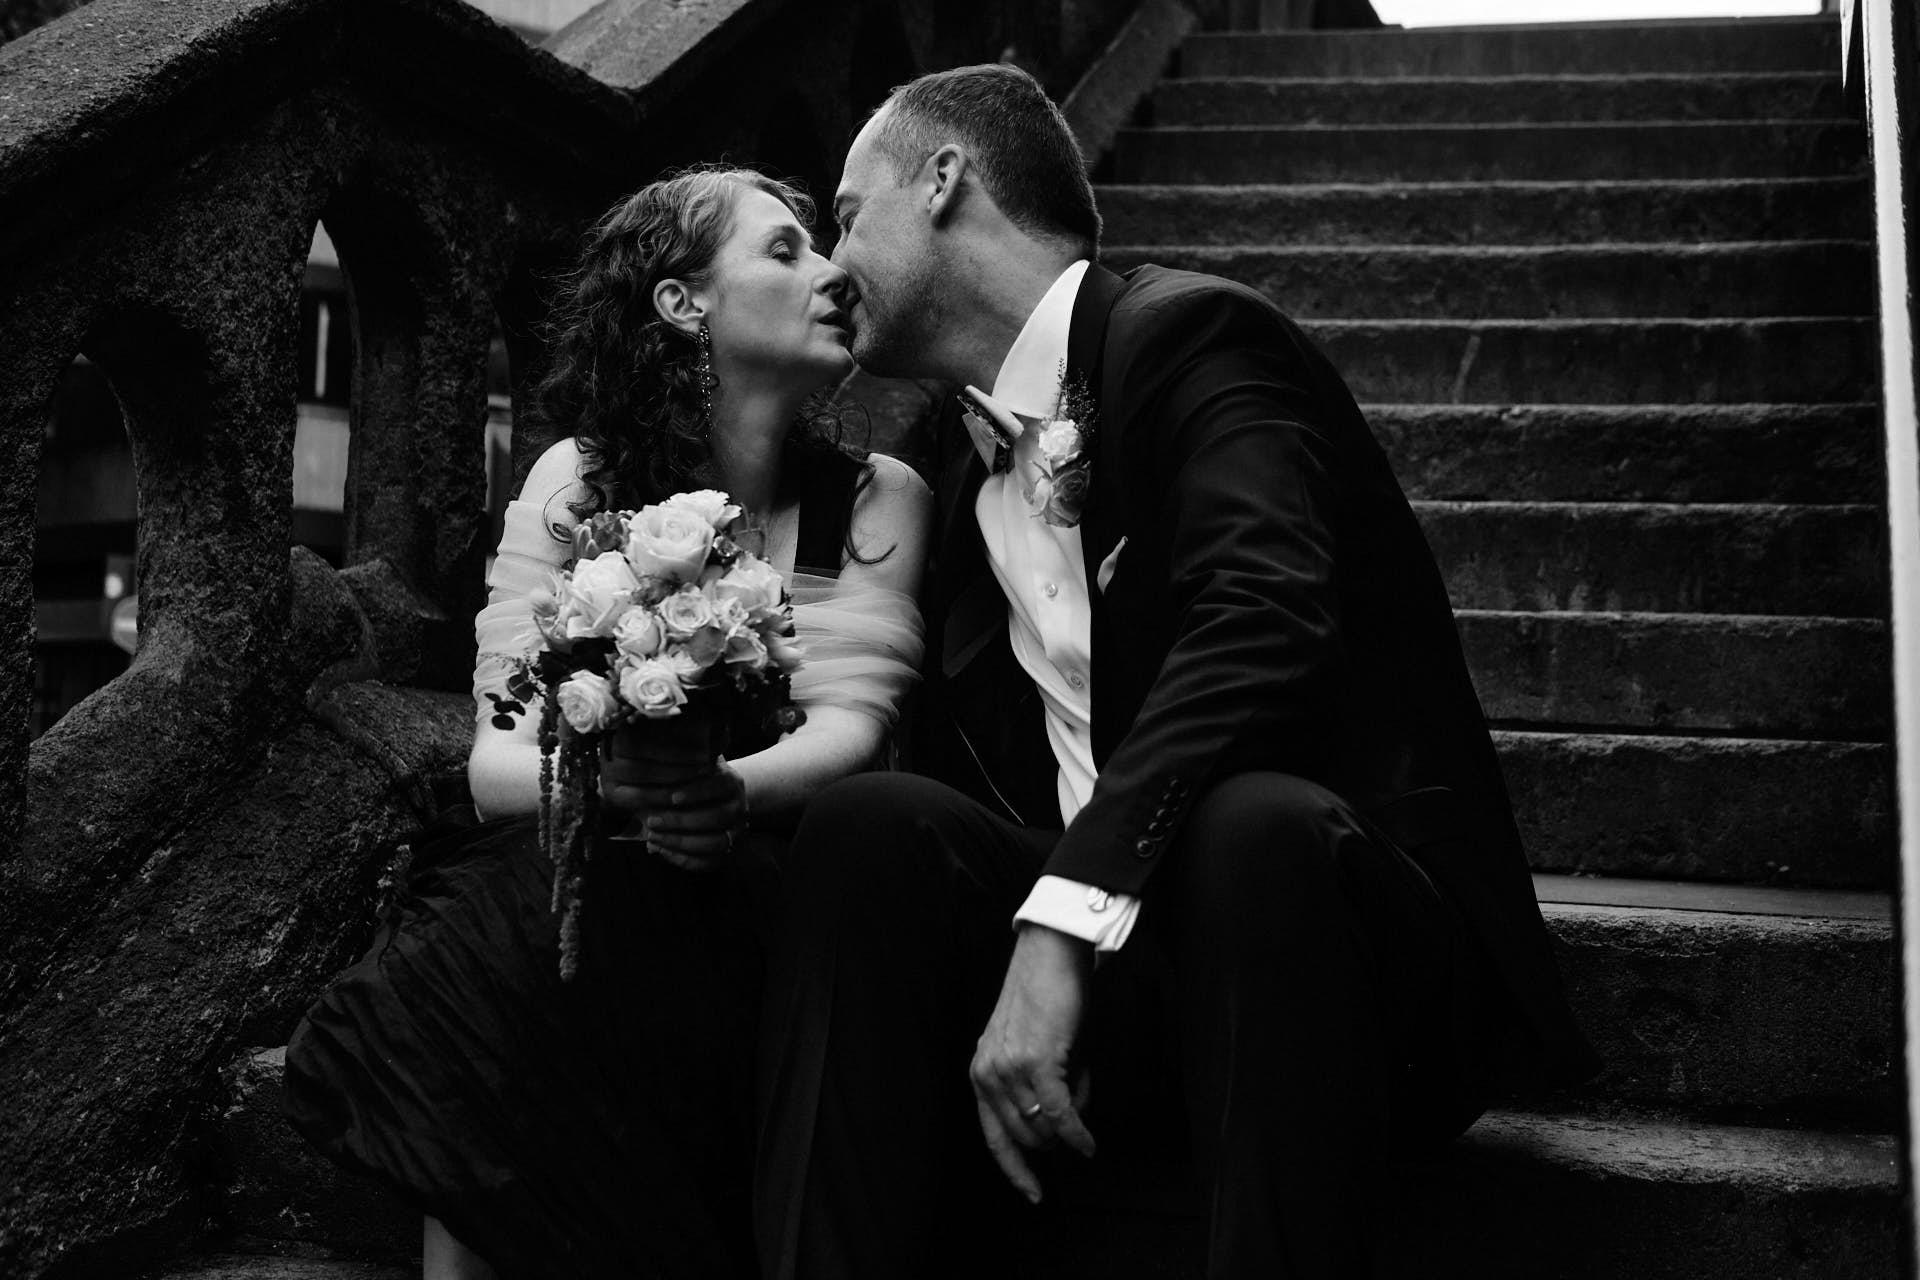 Hochzeitspaar küsst sich auf der Treppe der Severinstorburg in Köln sitzend